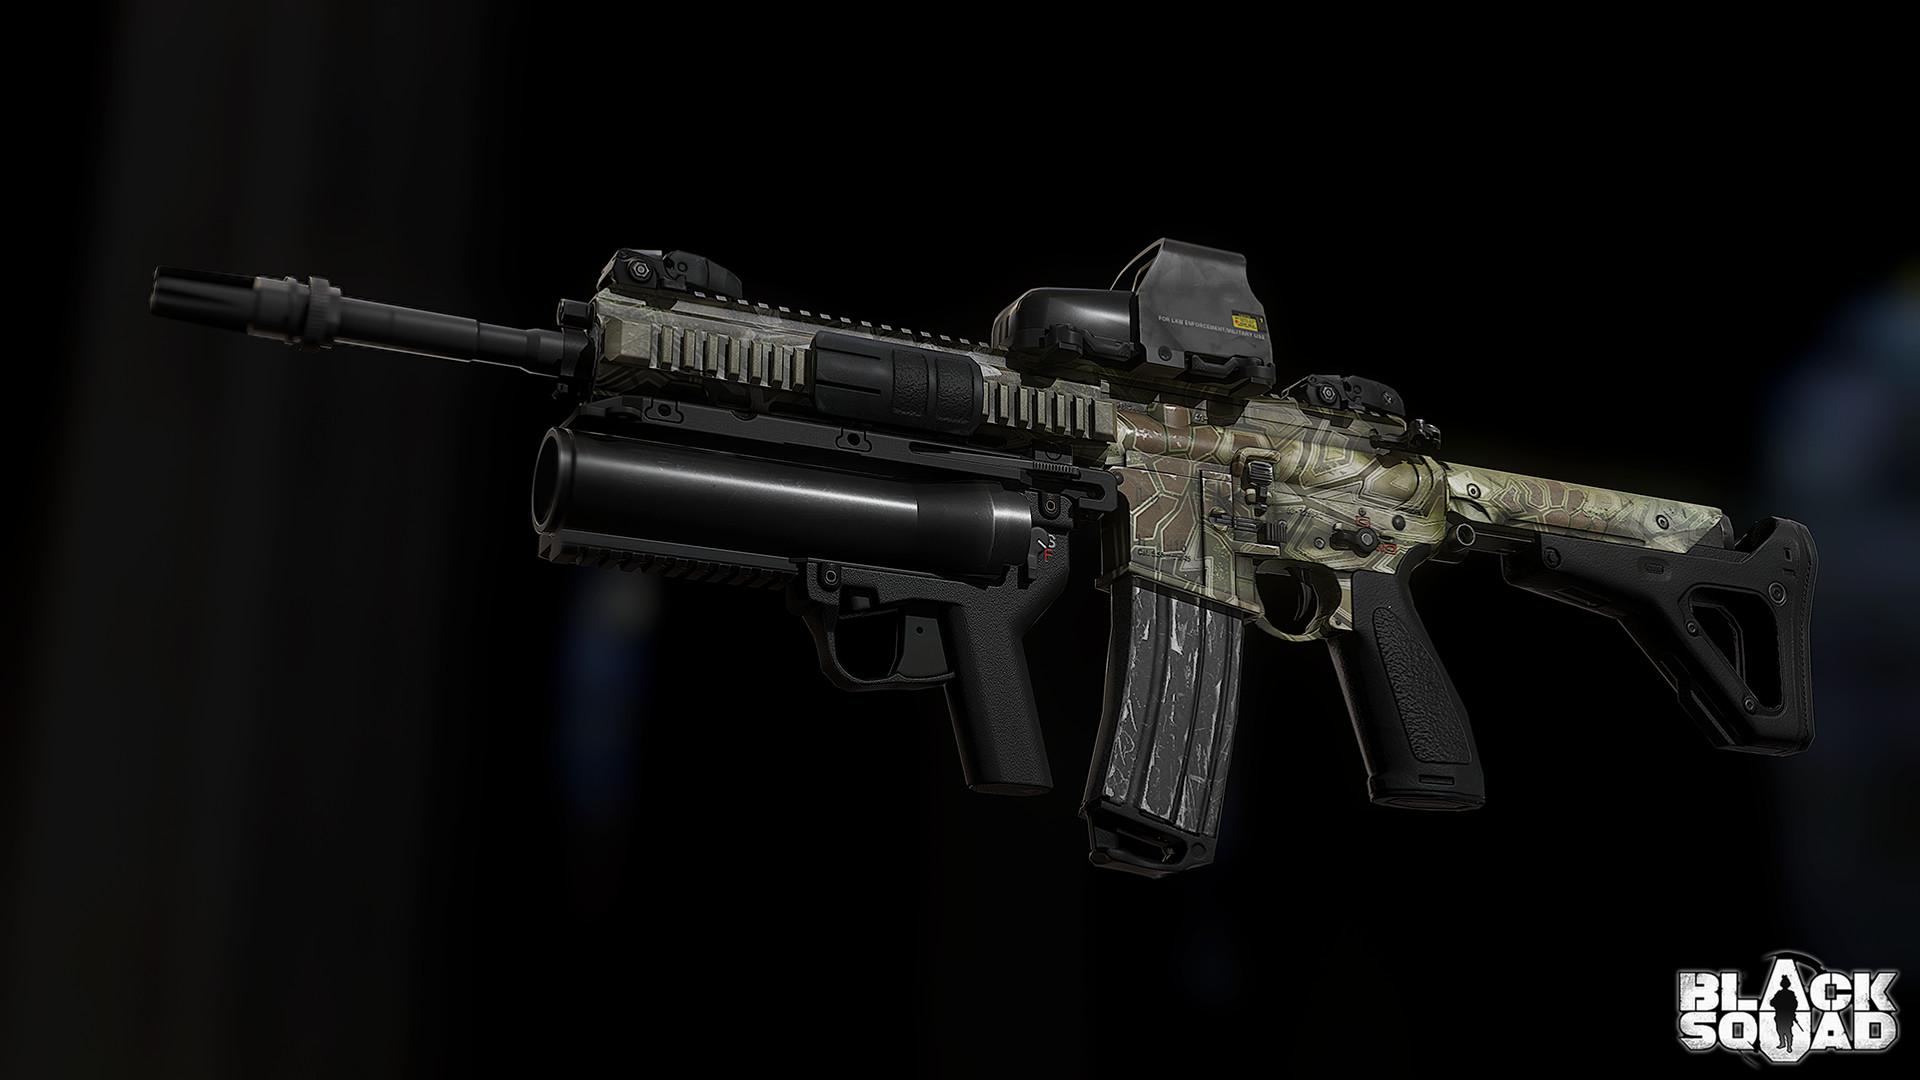 HK416 Assault Rifle